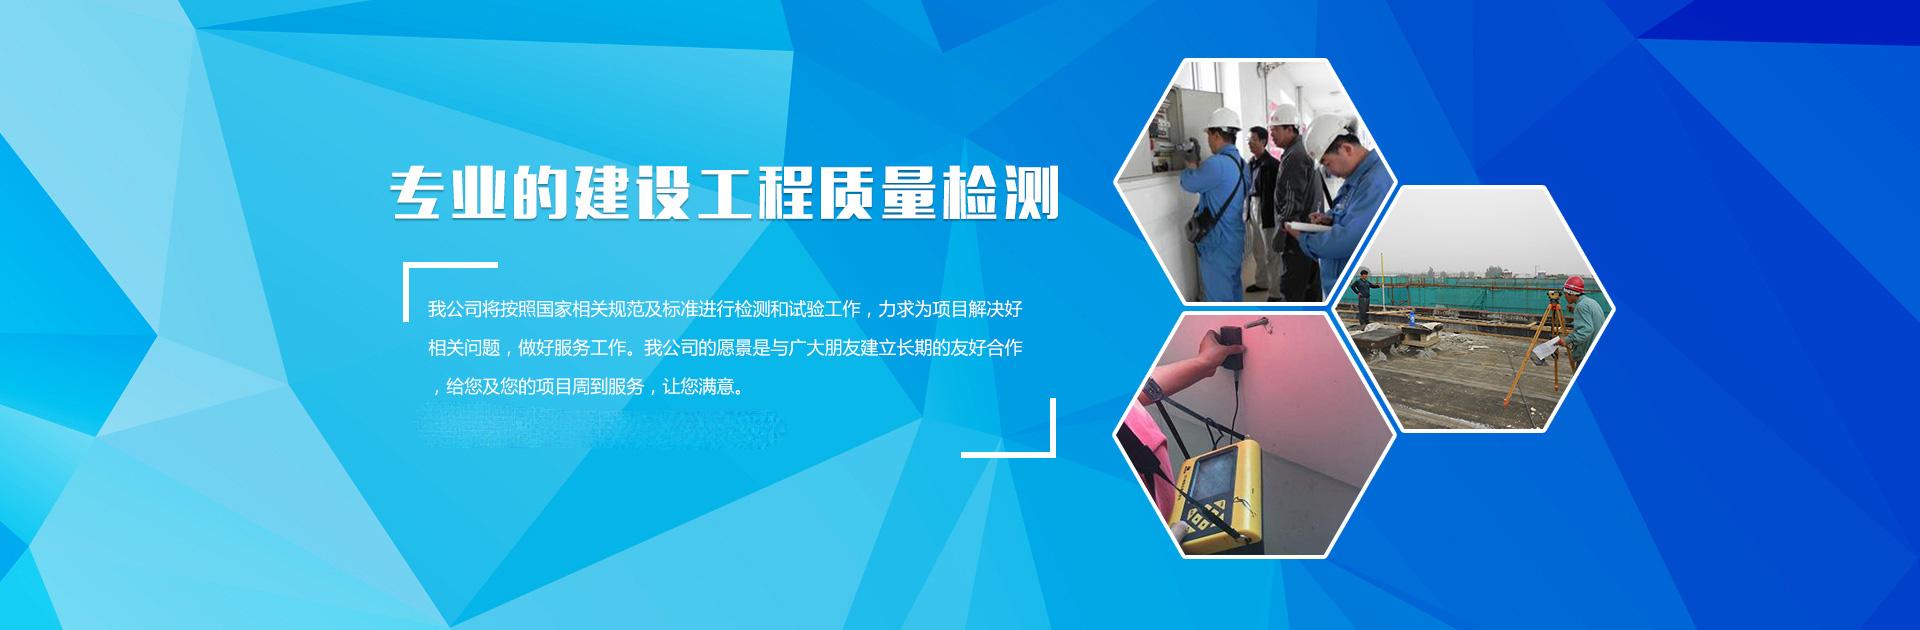 云南省工程检测协会